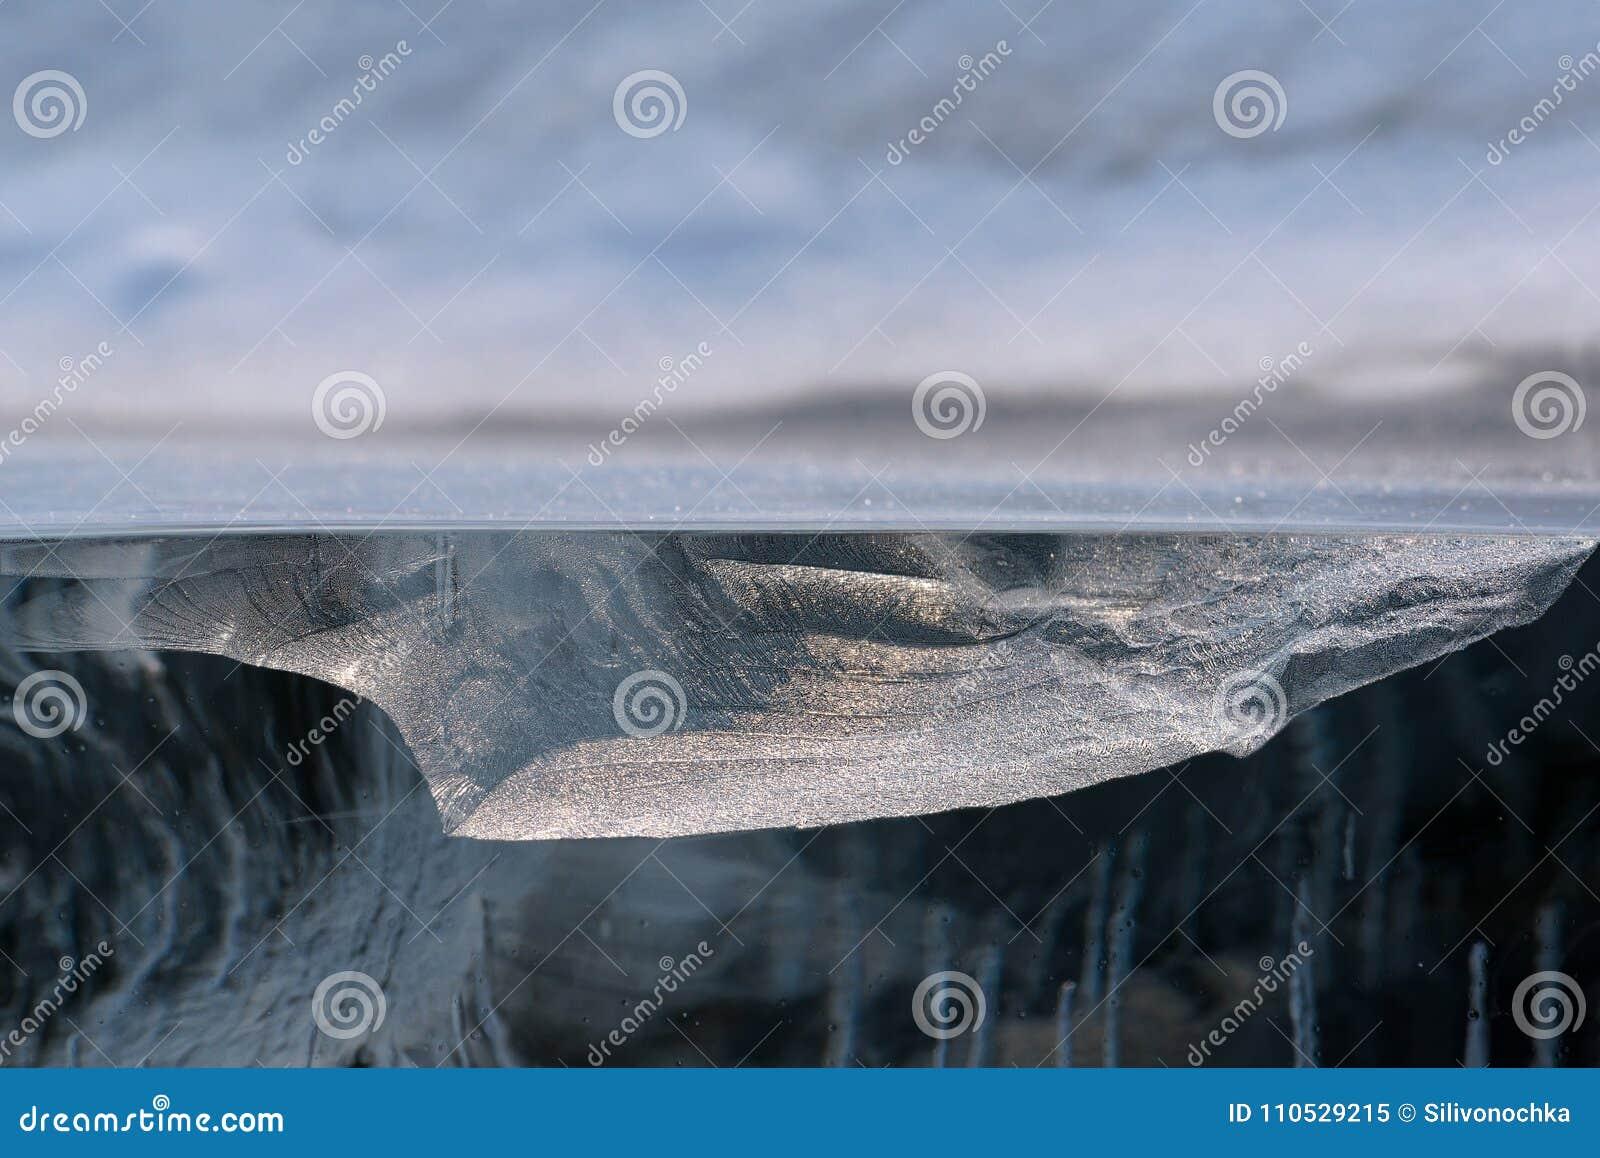 El pedazo transparente de hielo le gusta el corte transversal geológico del lago Baikal